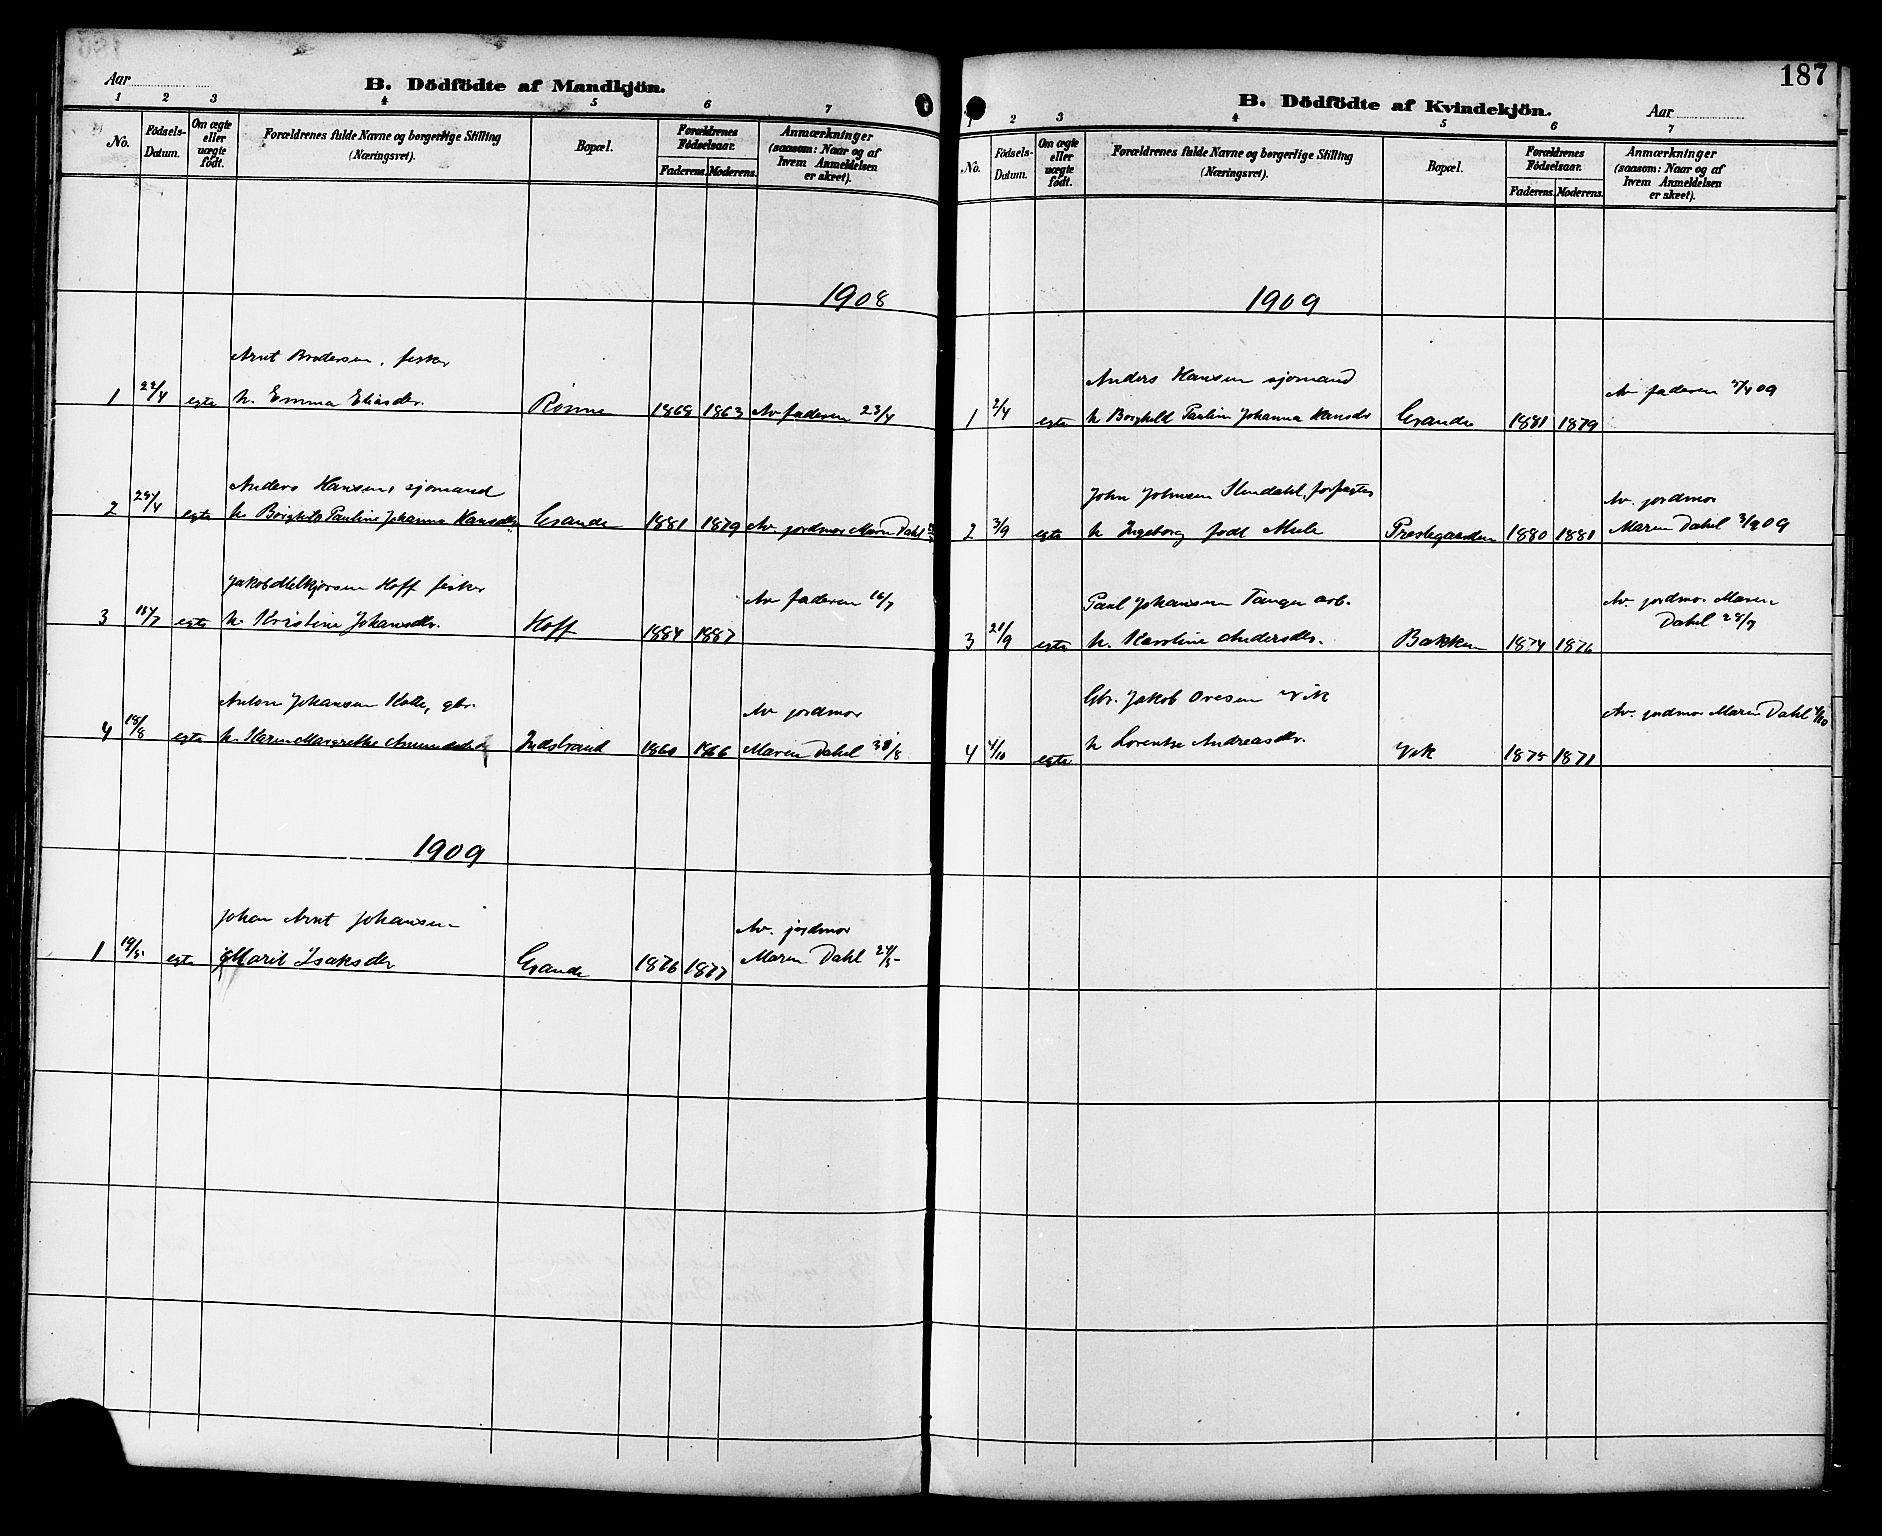 SAT, Ministerialprotokoller, klokkerbøker og fødselsregistre - Sør-Trøndelag, 659/L0746: Klokkerbok nr. 659C03, 1893-1912, s. 187